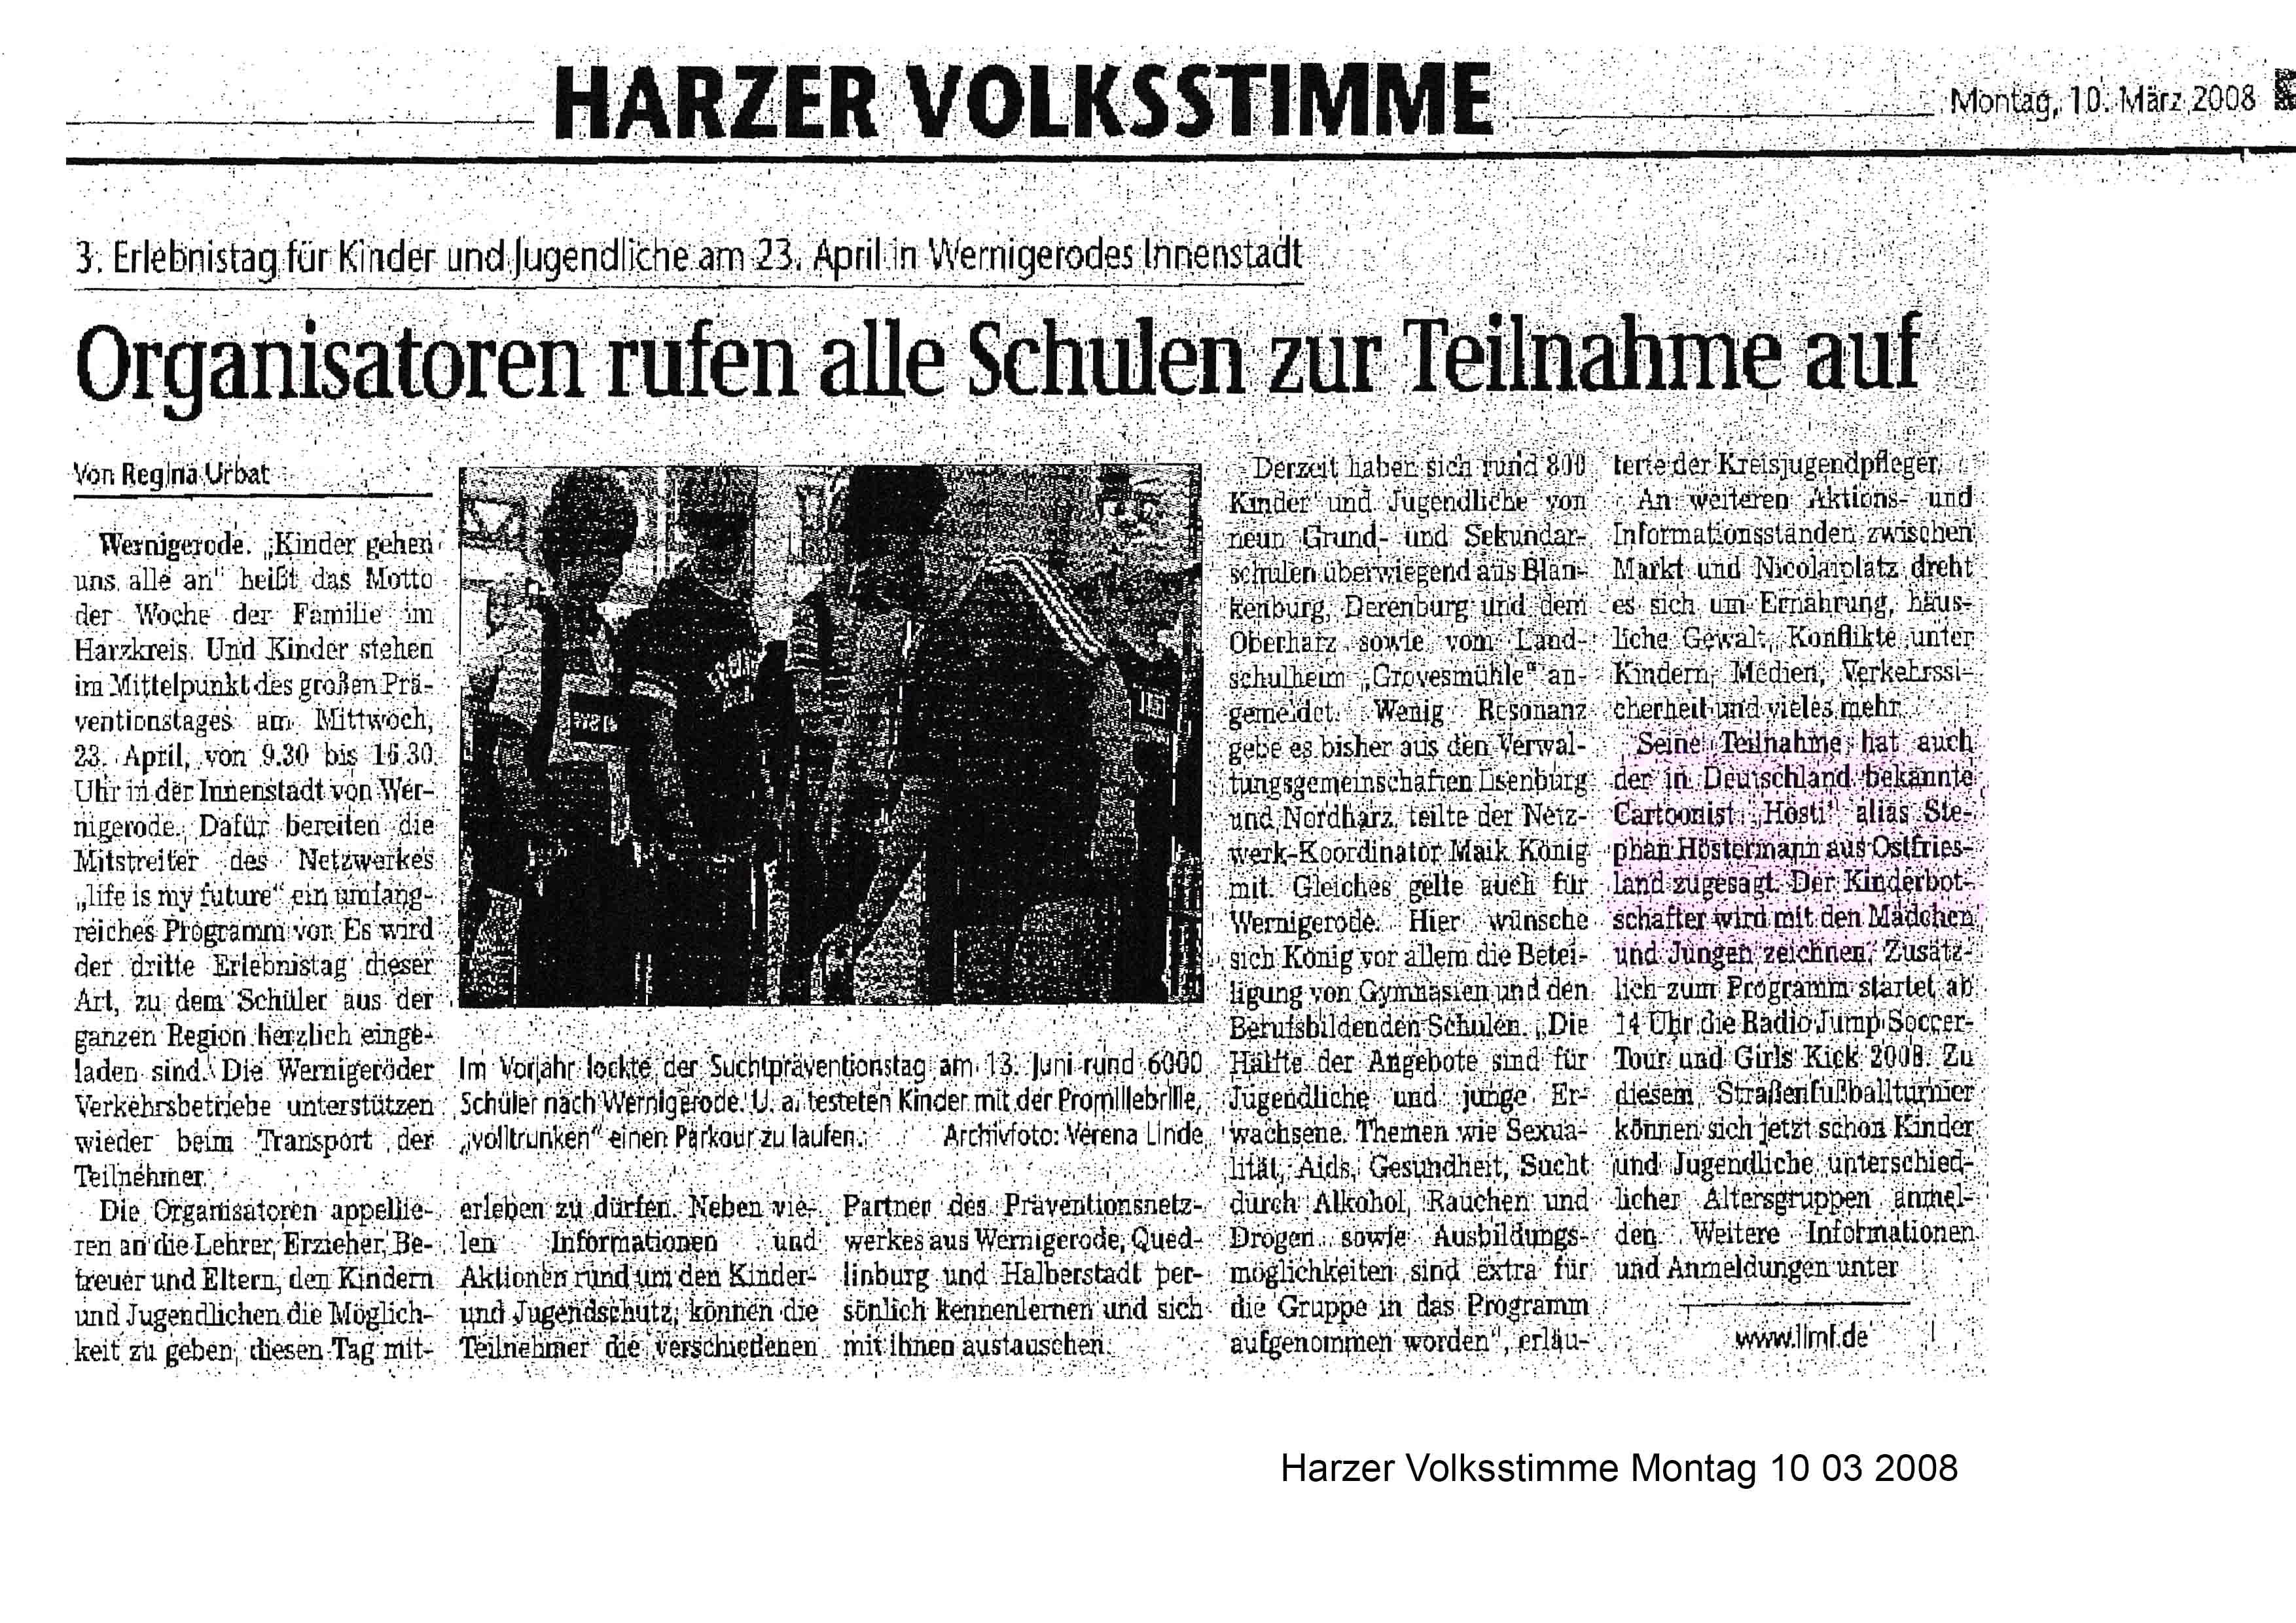 Harzer Volksstimme Montag 10 03 2008